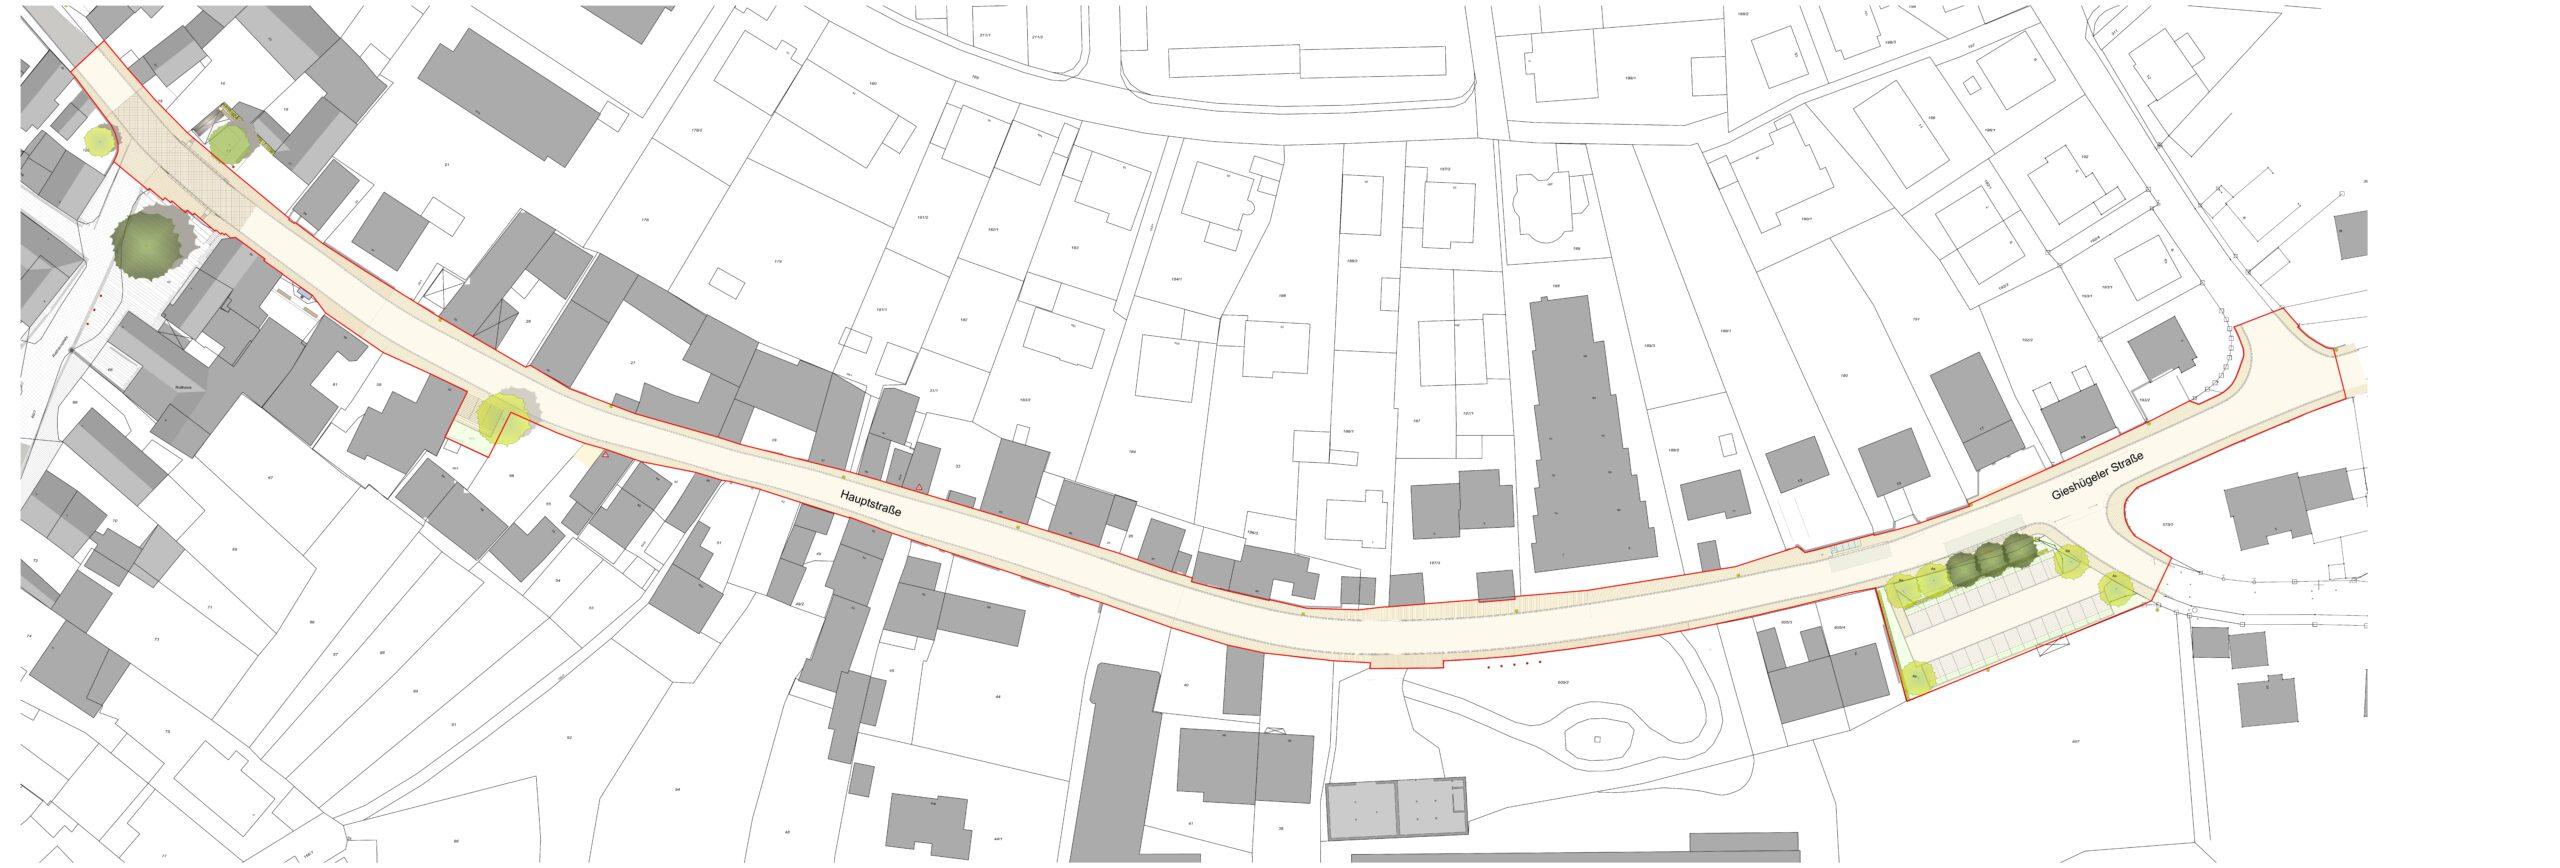 Vollsperrung der Hauptstraße ab 21.09.2020